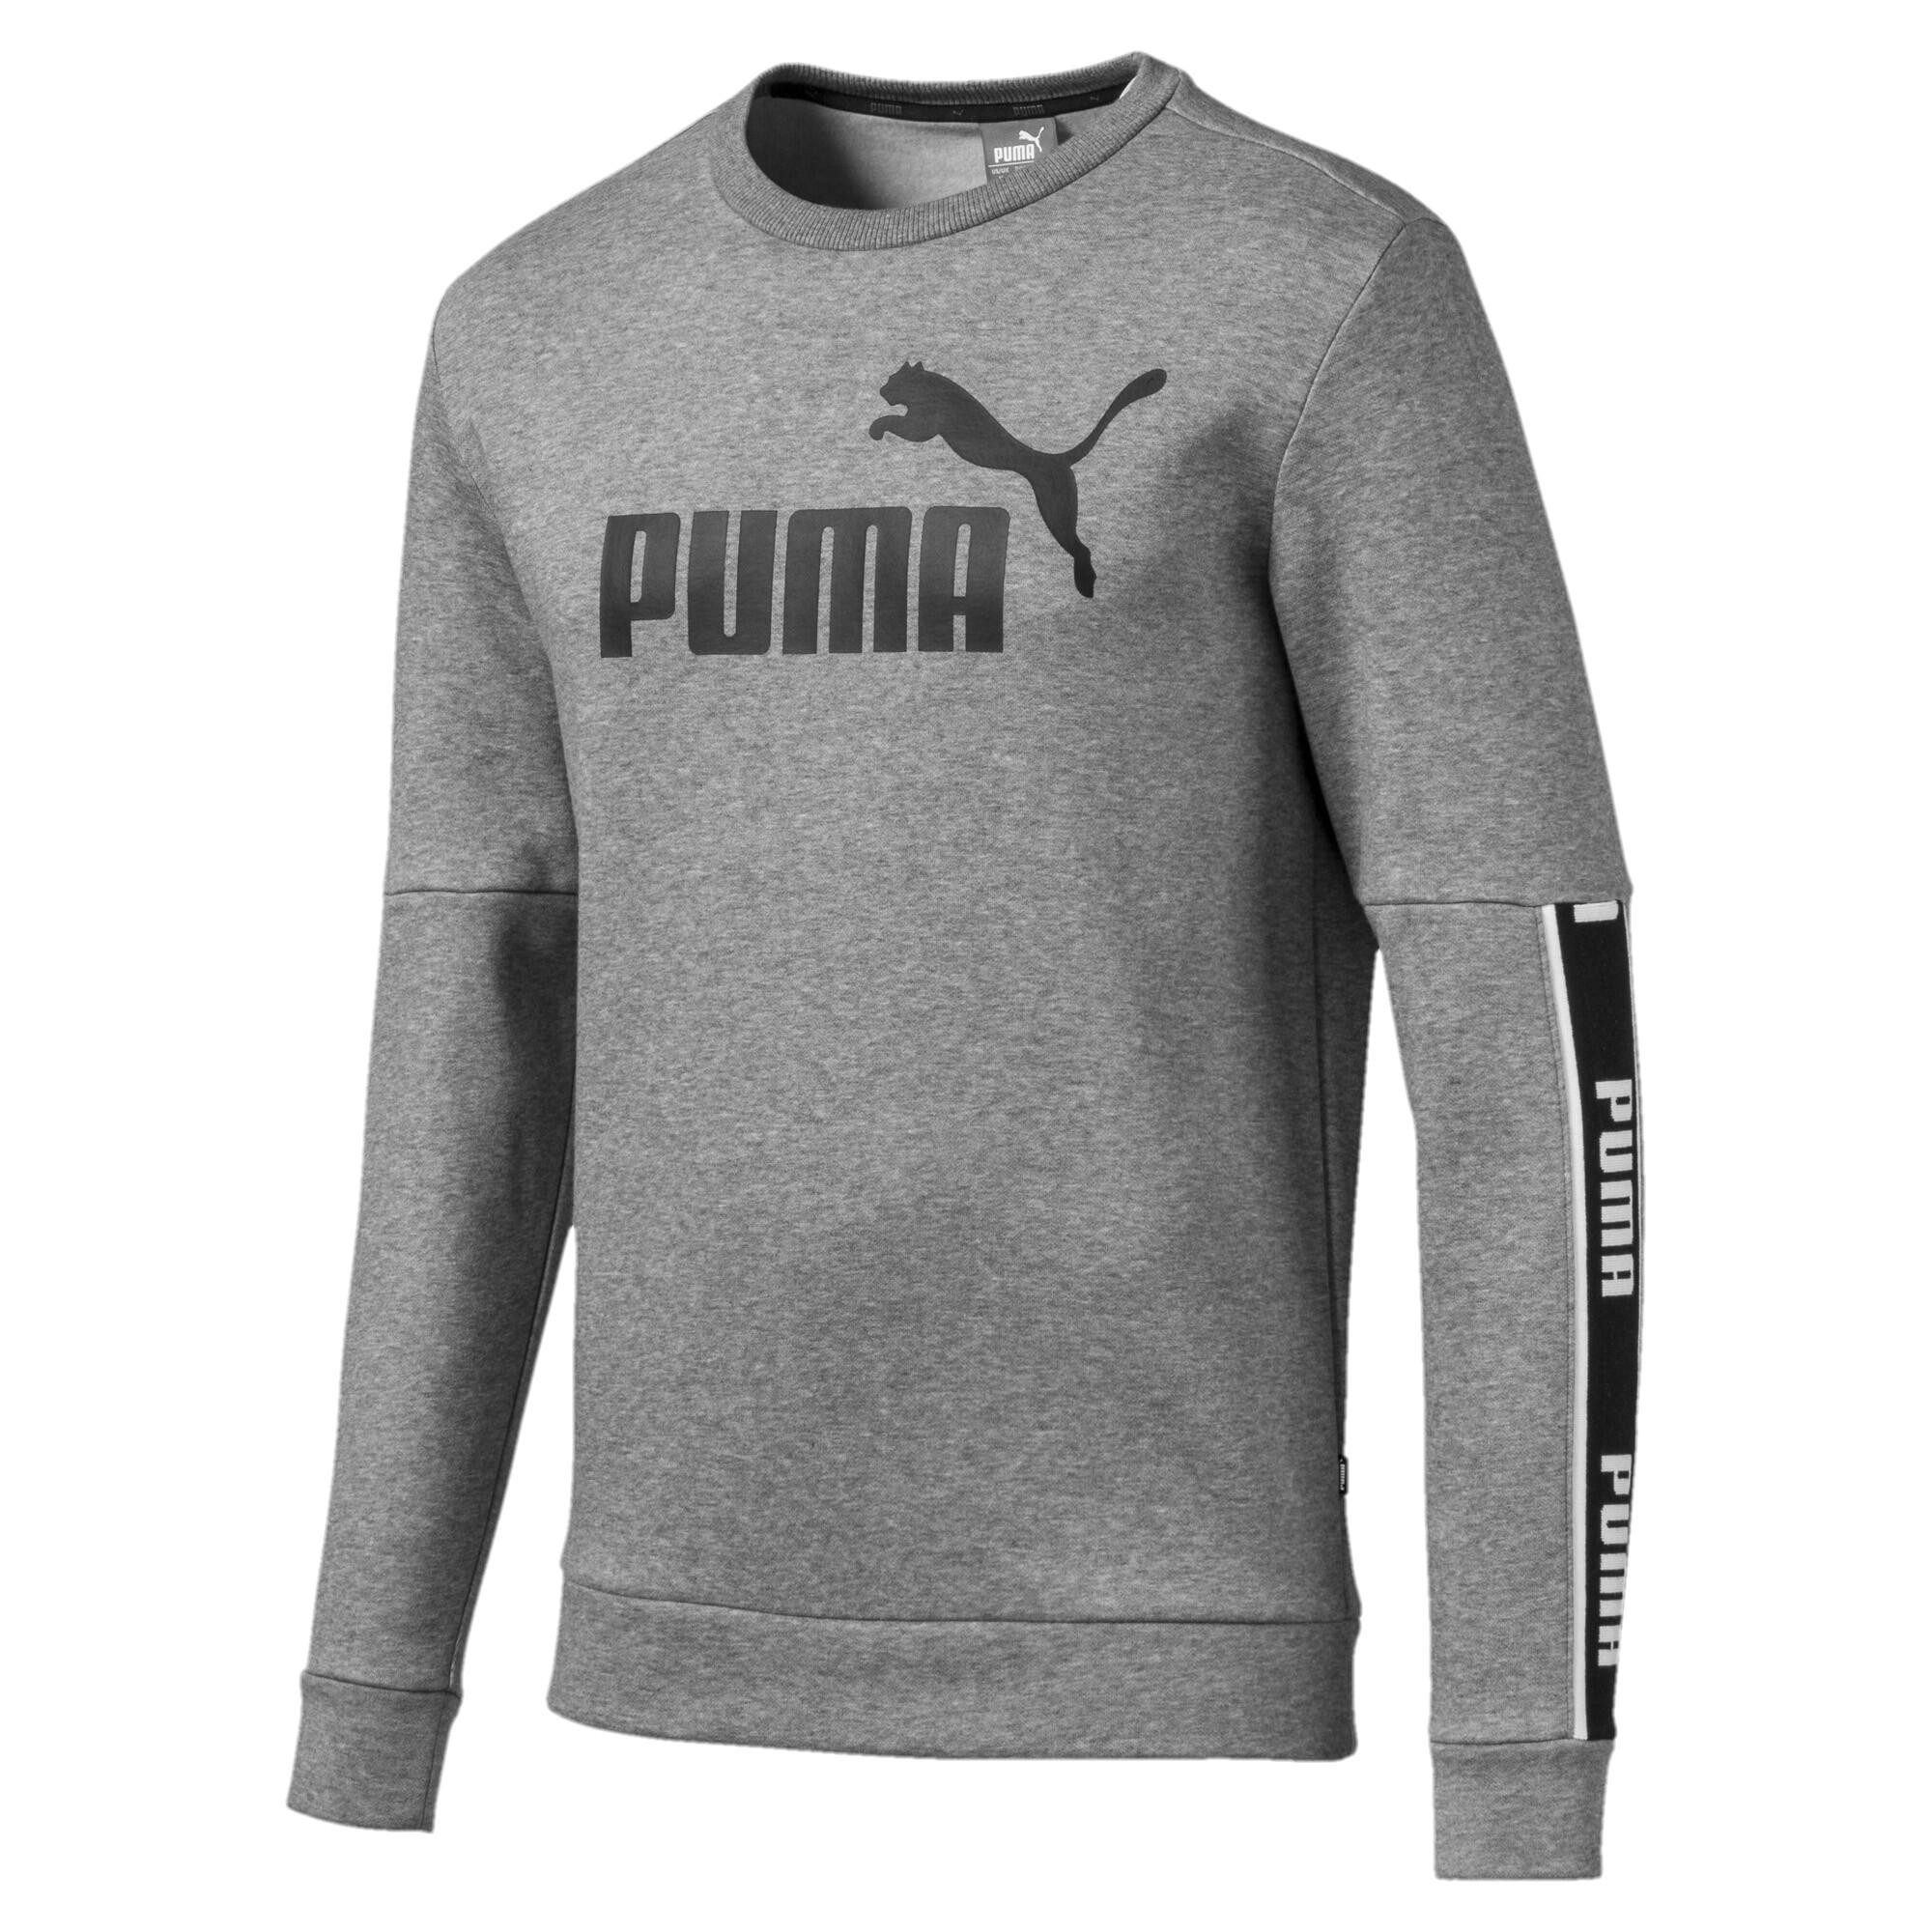 73c60604062 Amplified Long Sleeve Men's Sweater